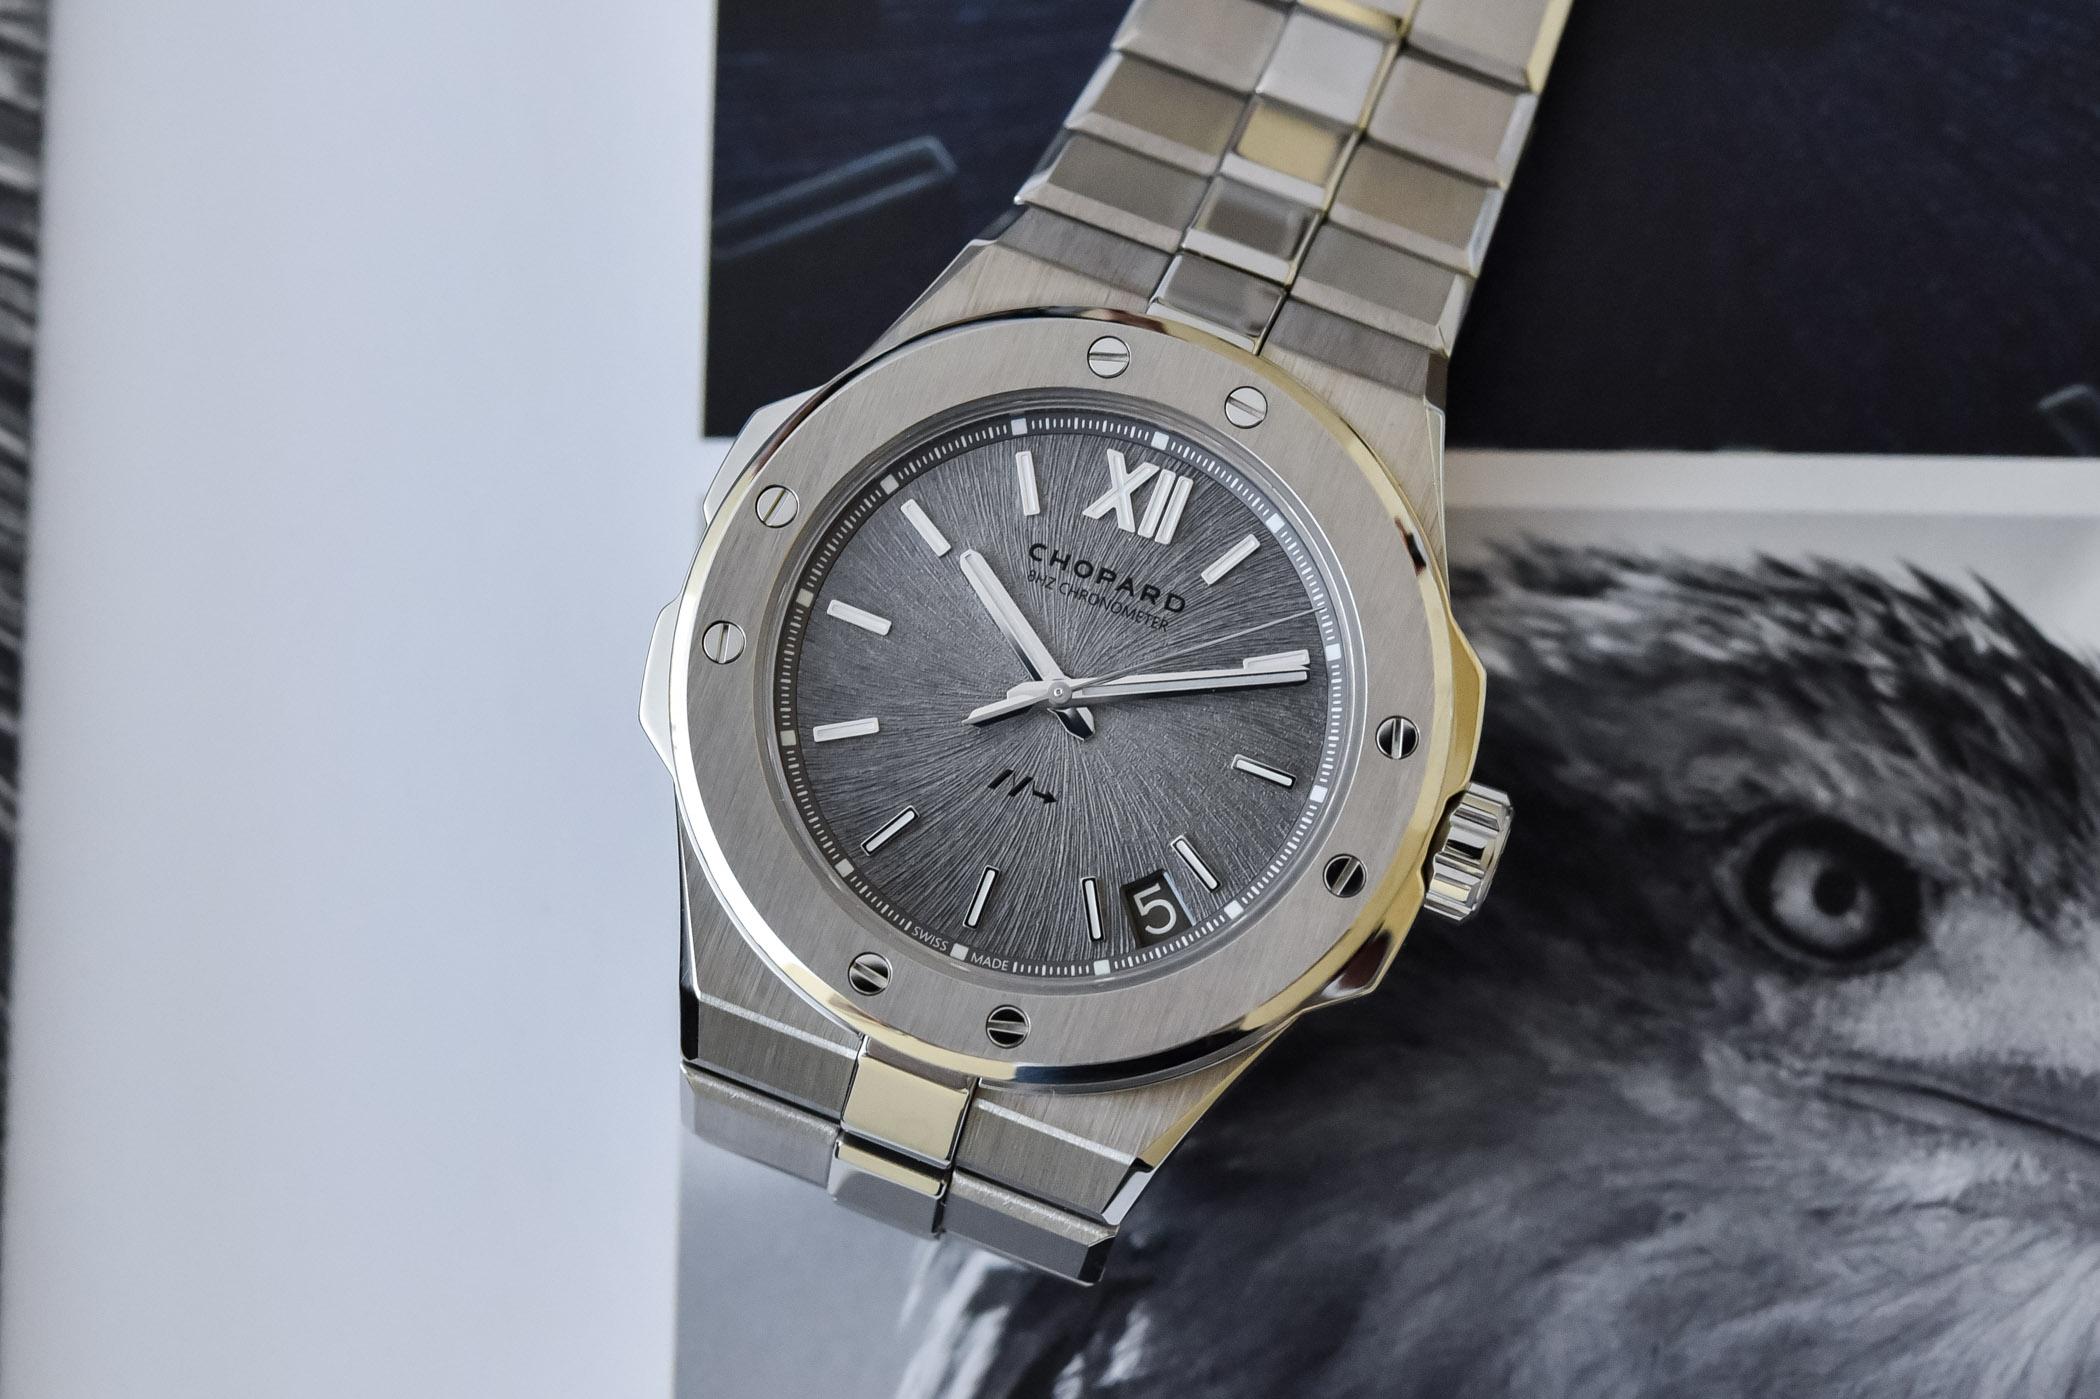 5 chiếc đồng hồ tuyệt vời có mặt số lấy cảm hứng từ thiên nhiên hùng vĩ